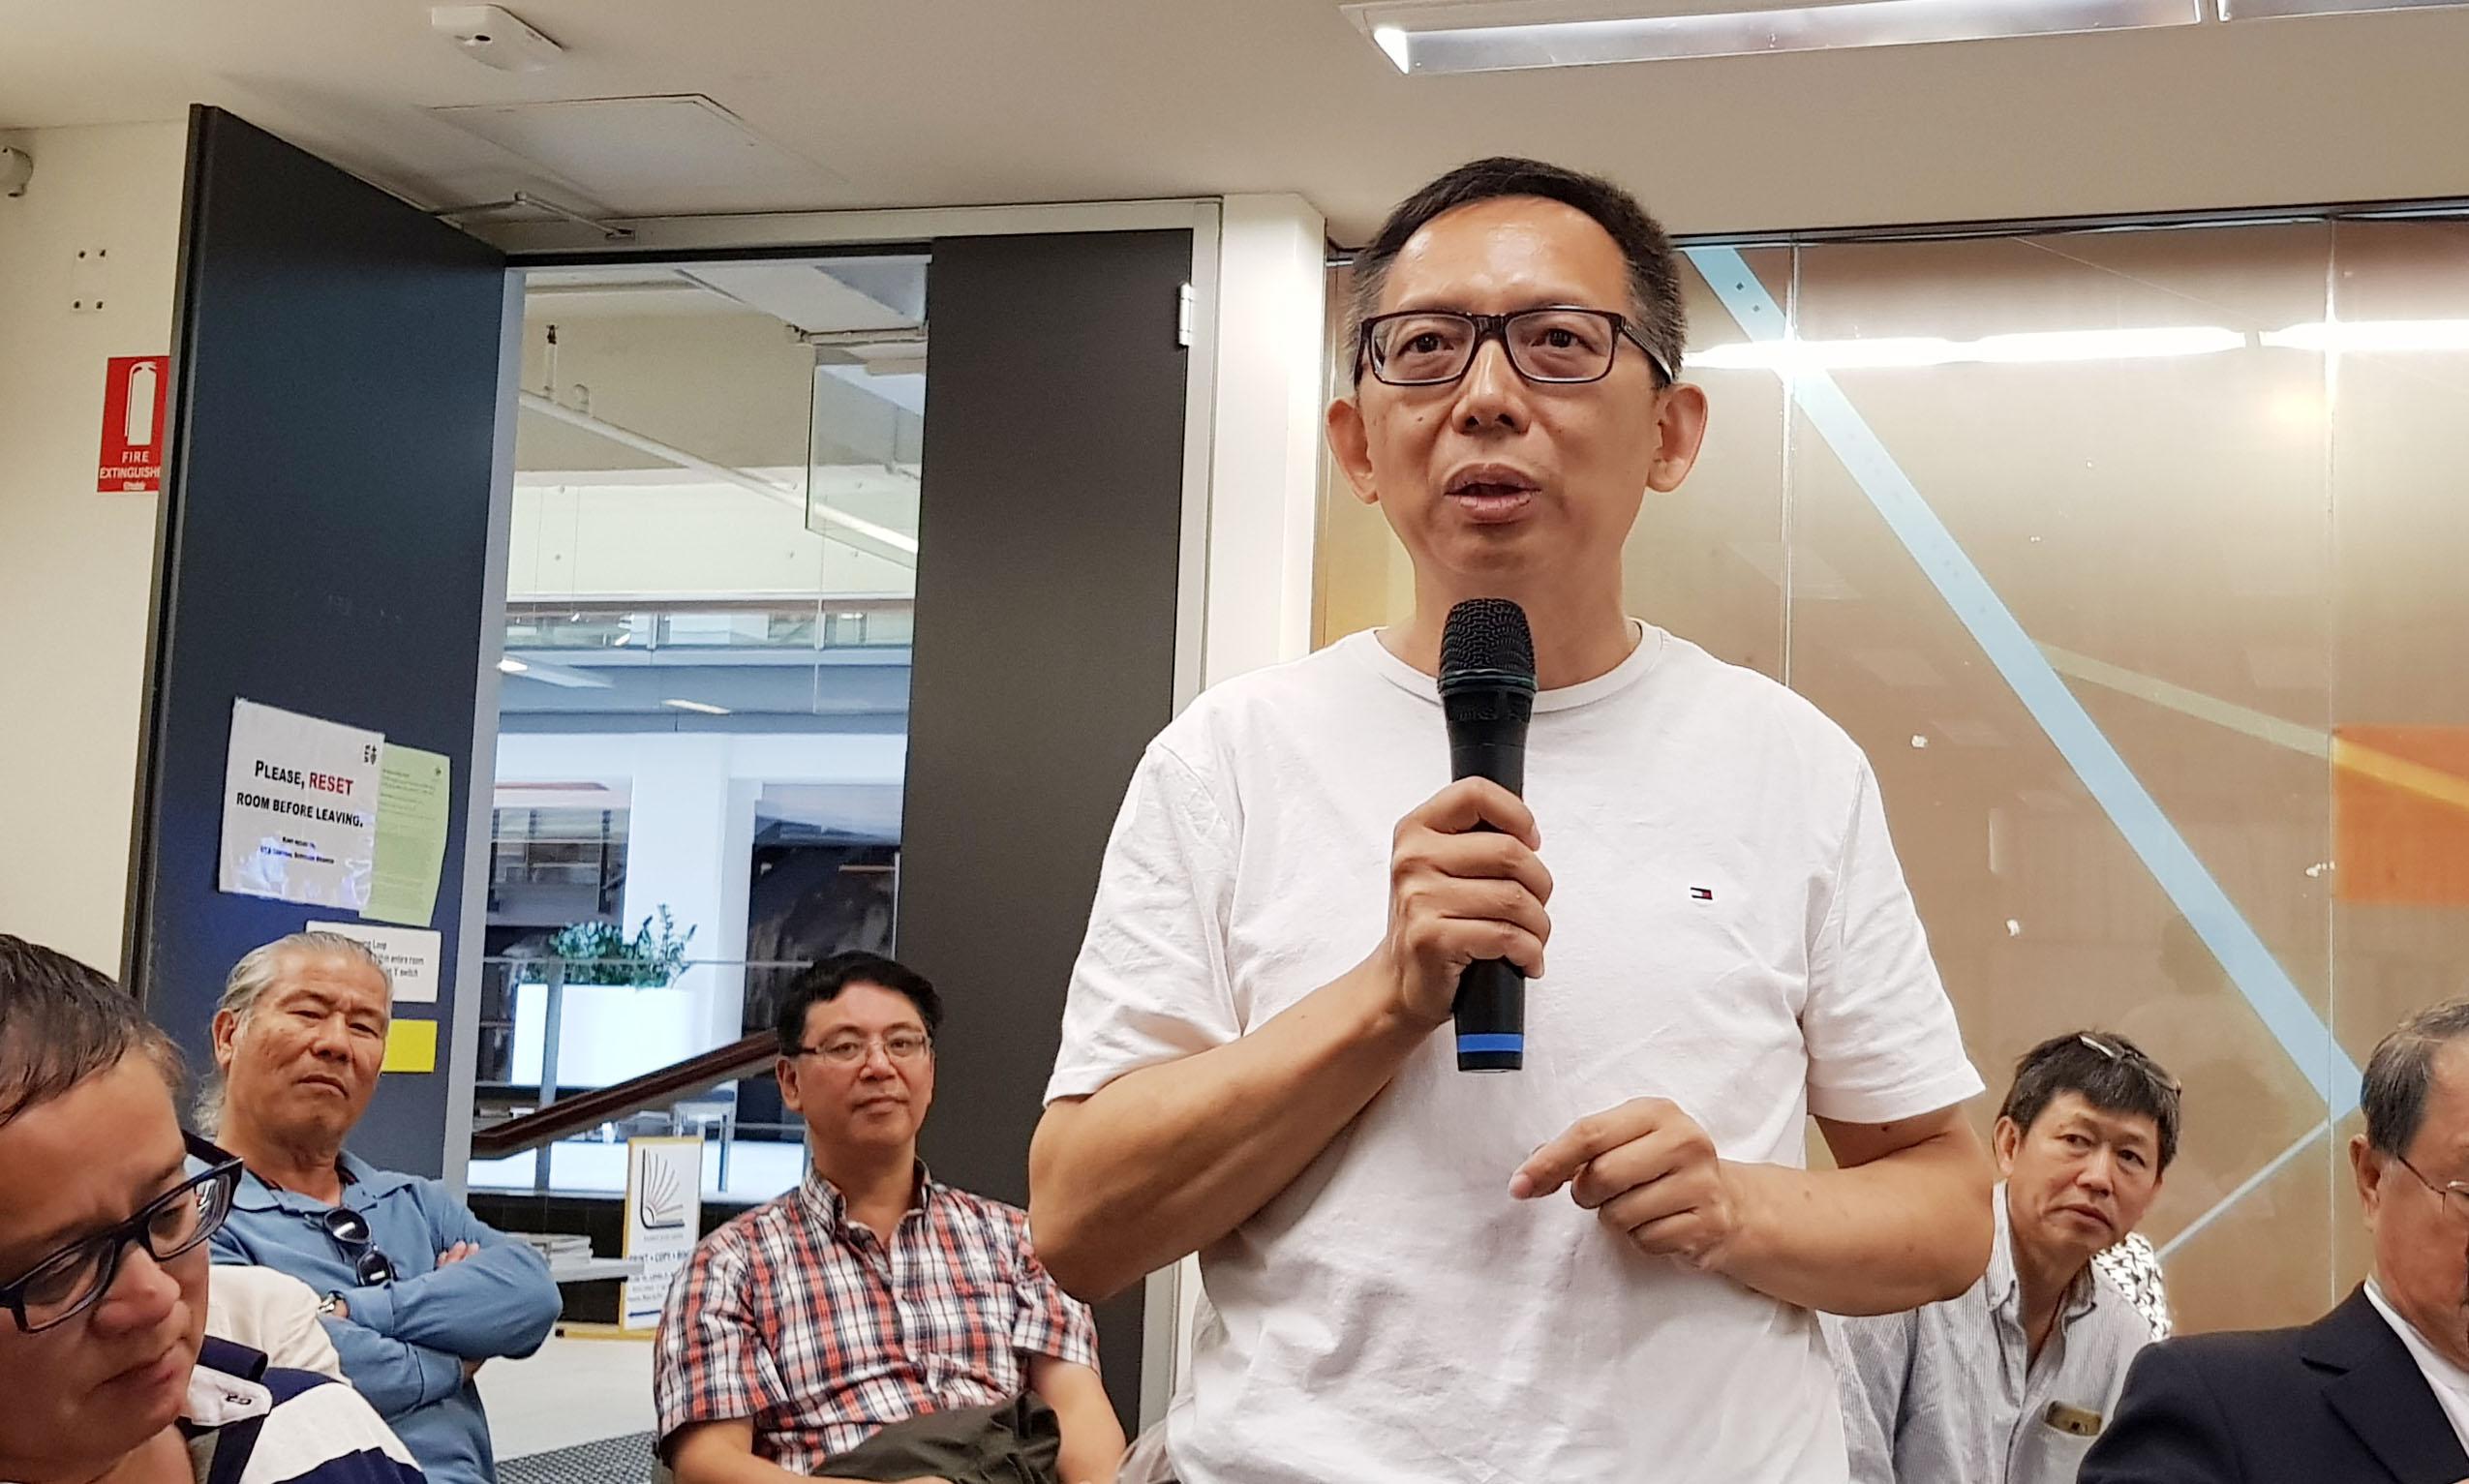 曾經是澳洲專業人士俱樂部的主席JP Cheng,在研討會上揭露親共團體當時想吞併他所在的社團。(駱亞/大紀元)